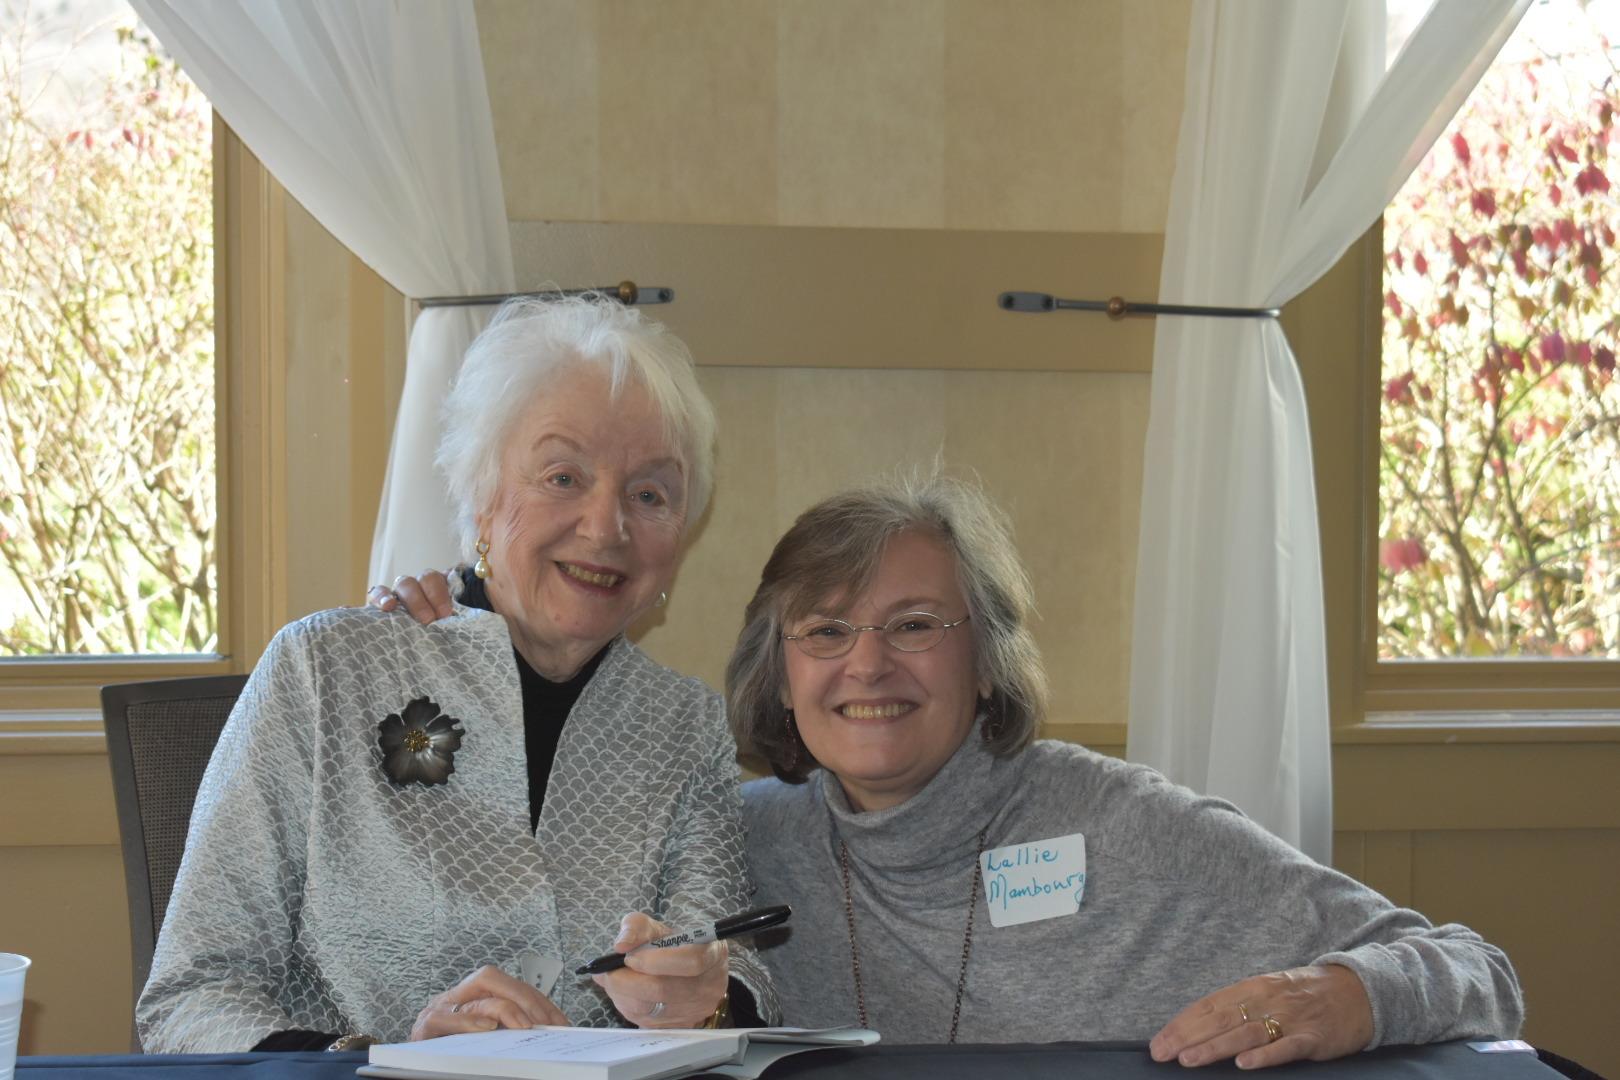 Madeleine Kunin and Lallie Mambourg